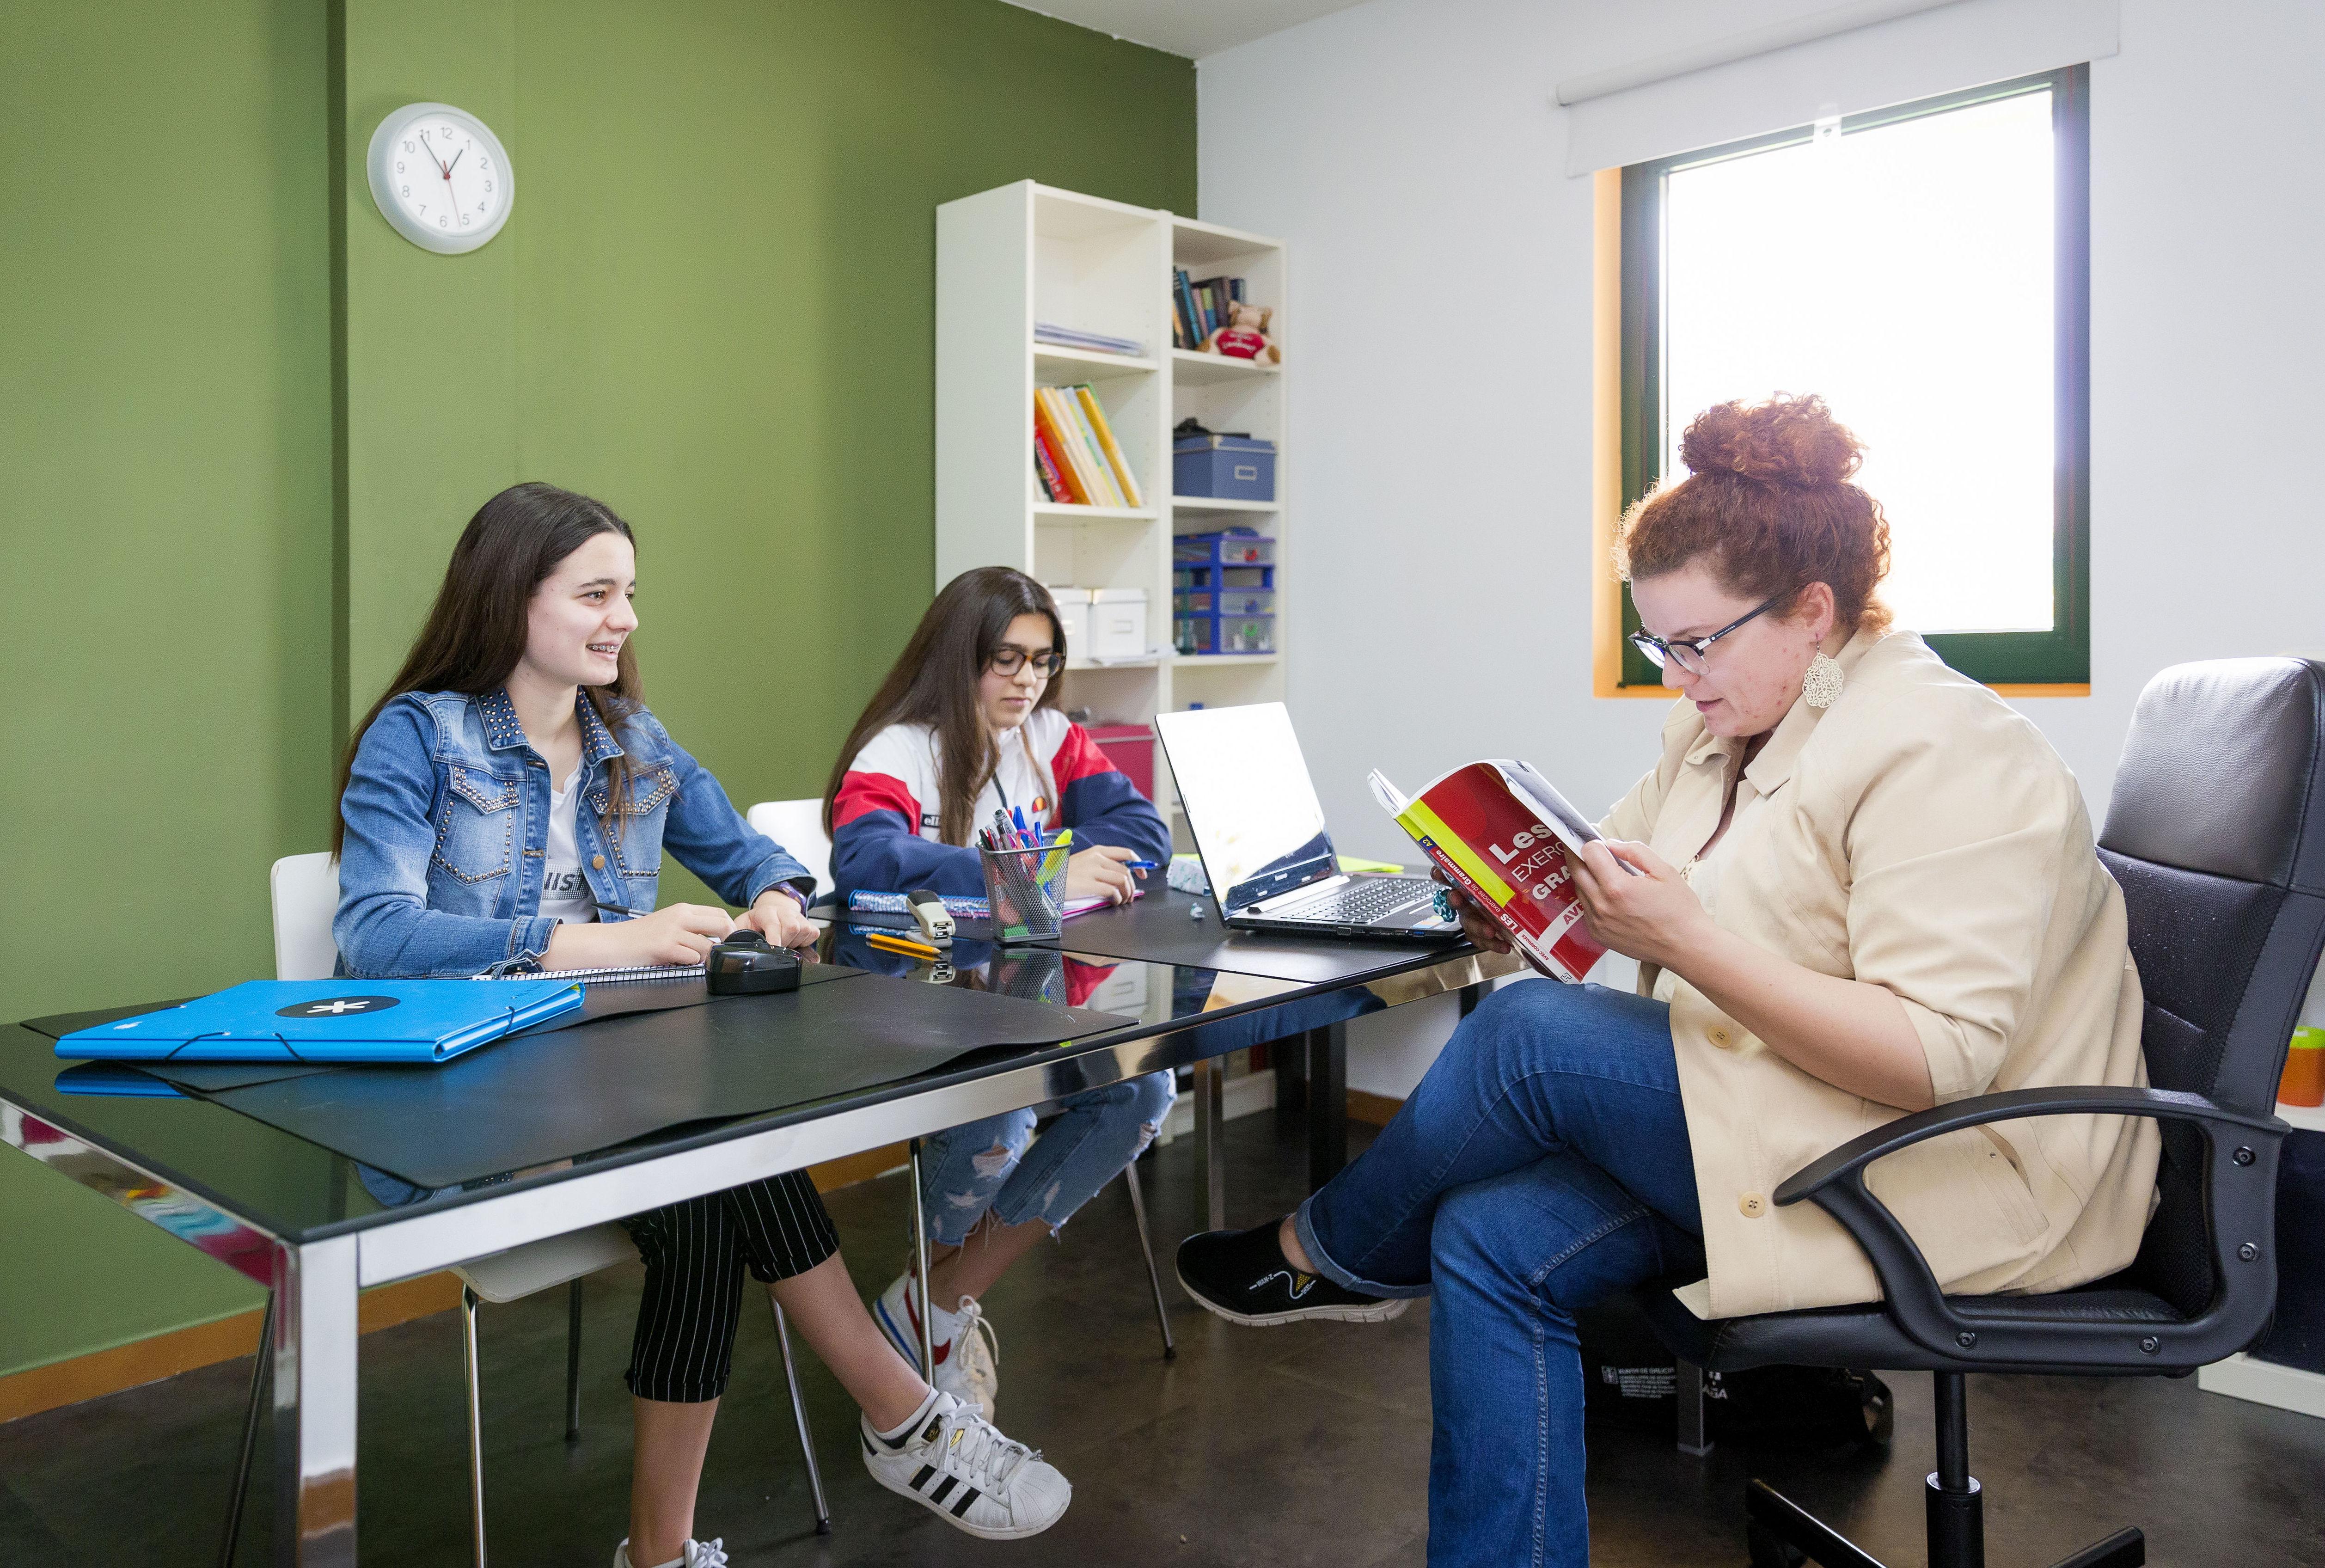 Foto 5 de Academia de idiomas en A Coruña | SBC Global Training